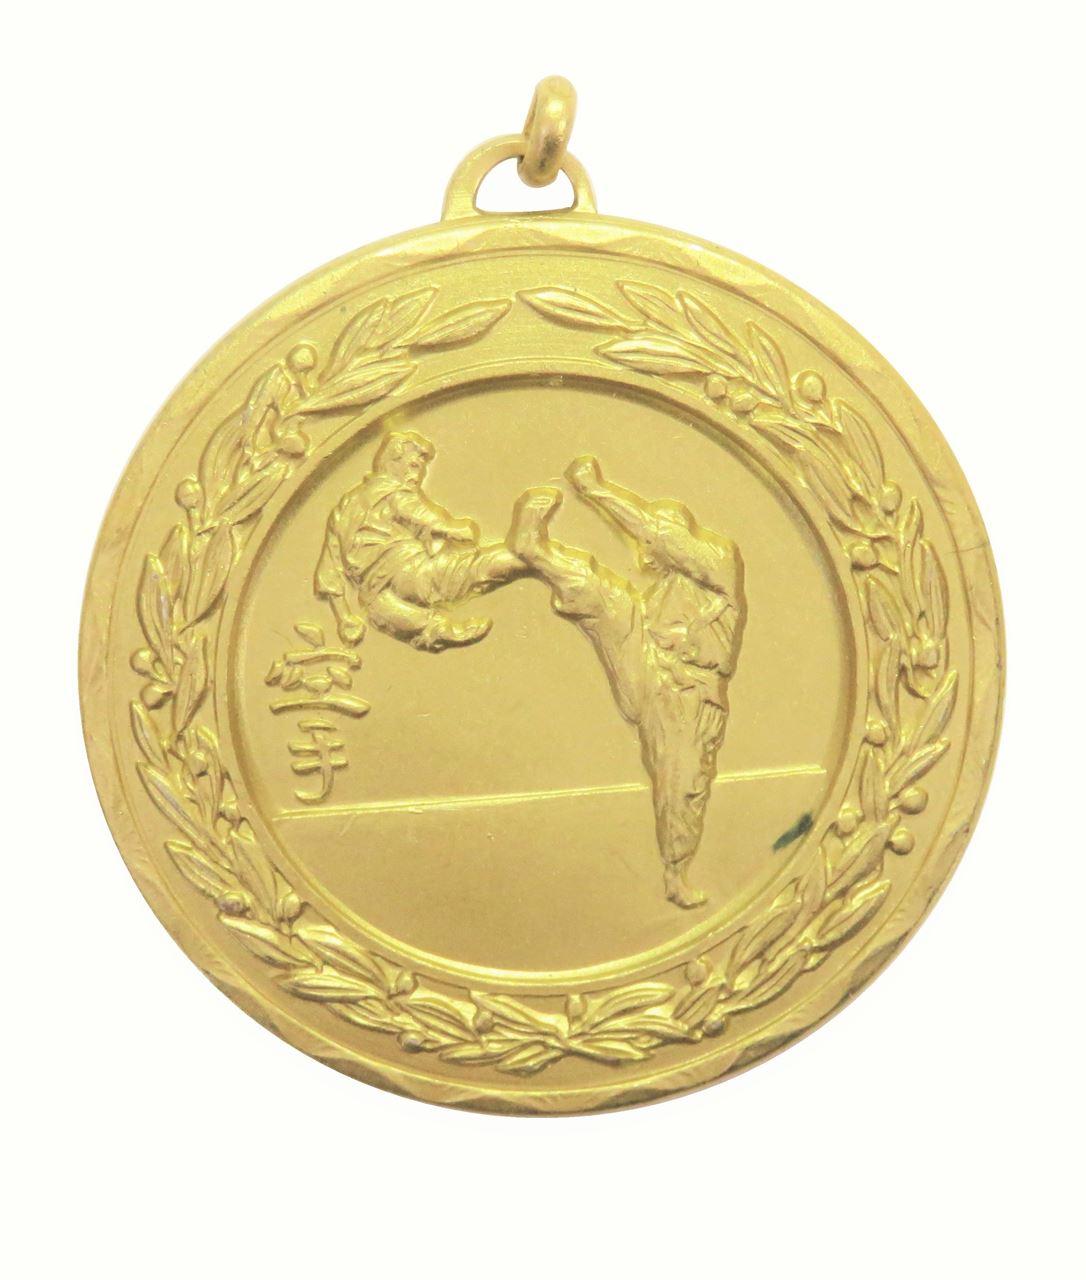 Gold Laurel Economy Karate Medal (size: 50mm) - 4200E